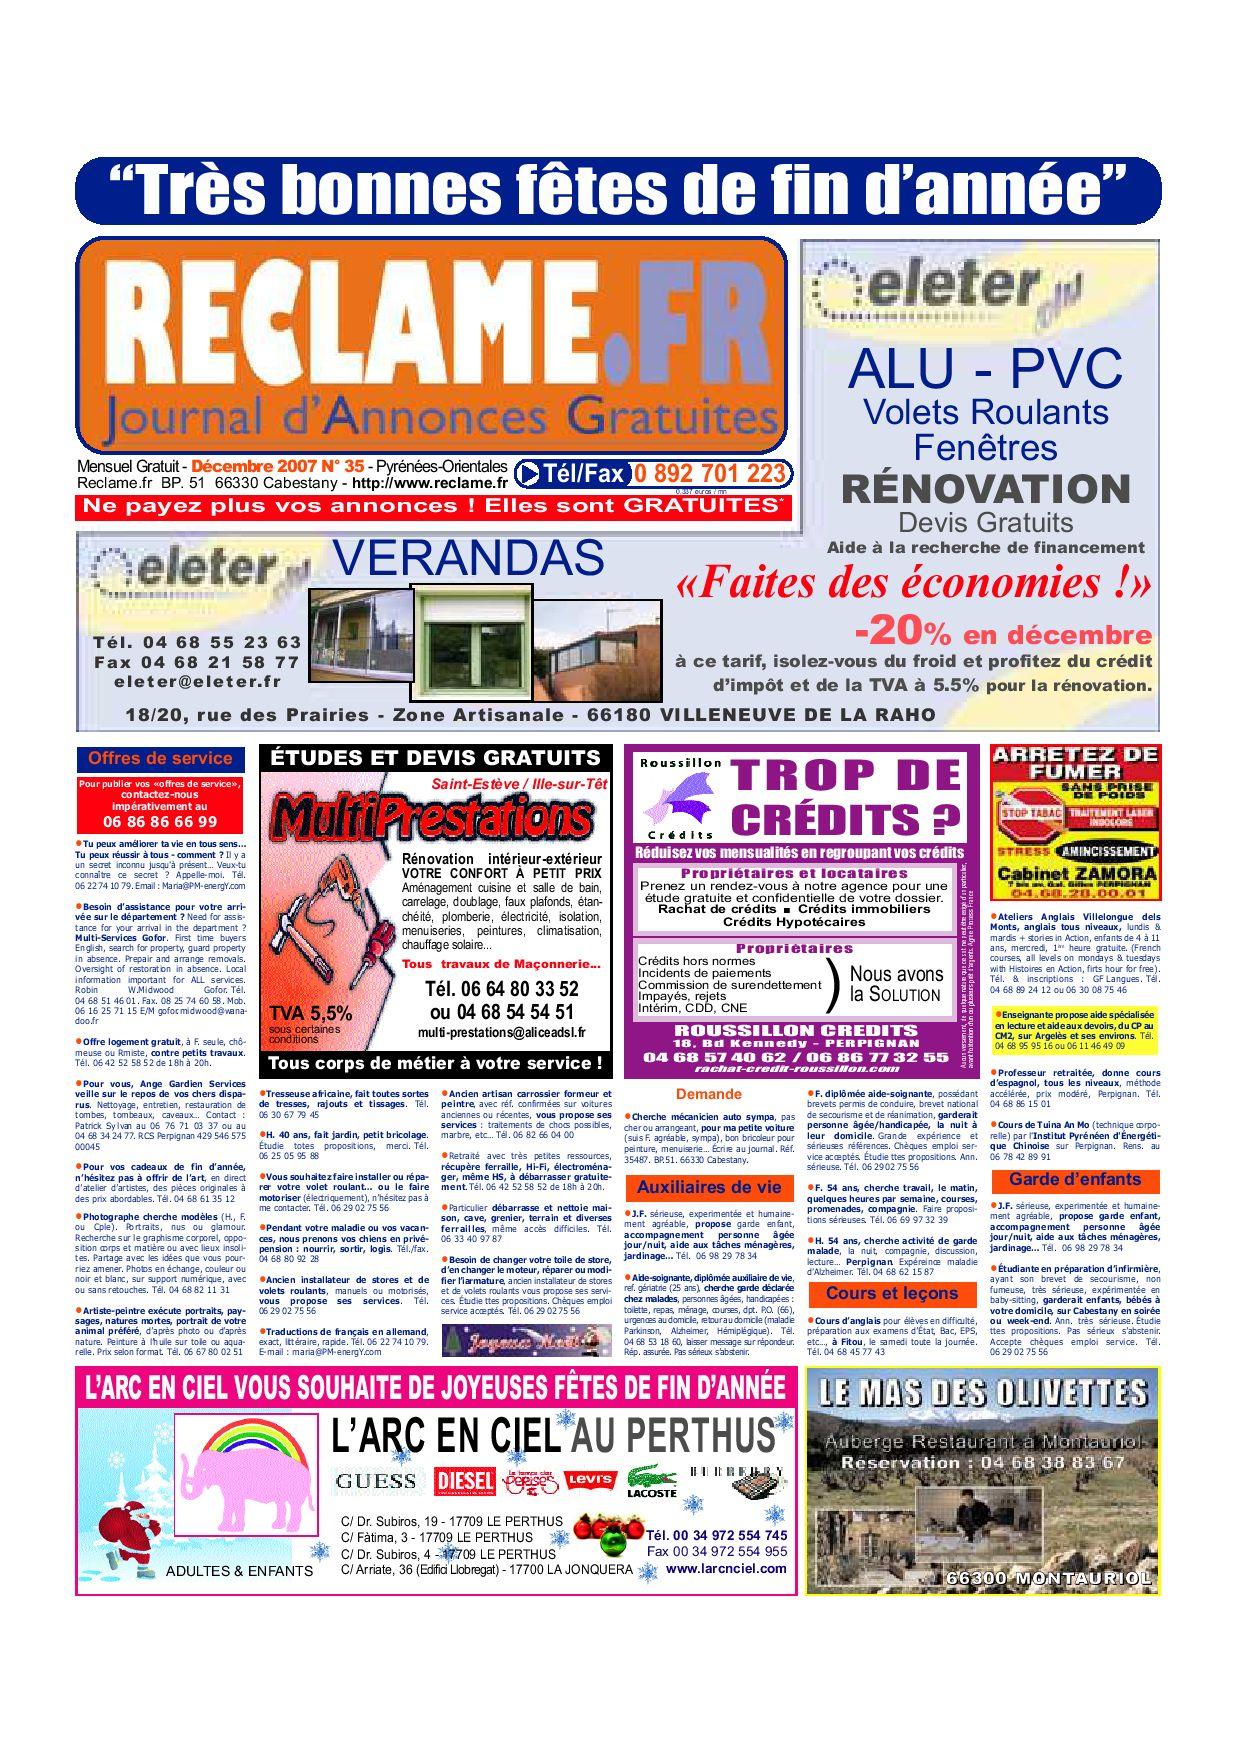 Tapis Pour Caravane Gitan reclame.fr 35 decembre 2007j2m - issuu